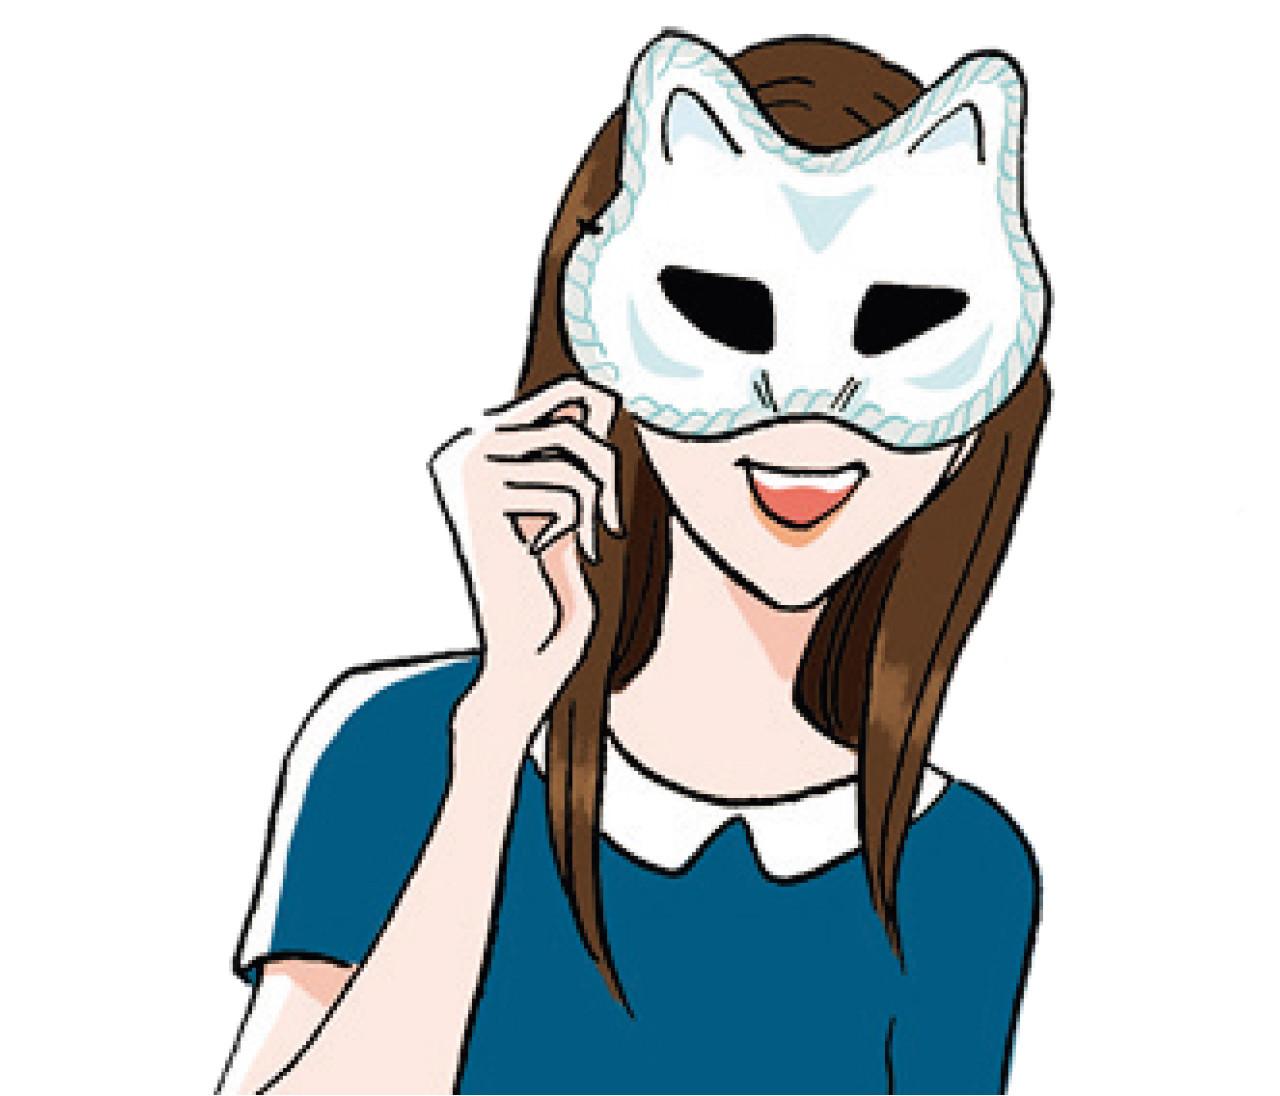 【推し活のすすめ】#劇団雌猫 もぐもぐさんのスペシャルエッセイ!「なんか好き」からはじめよう。